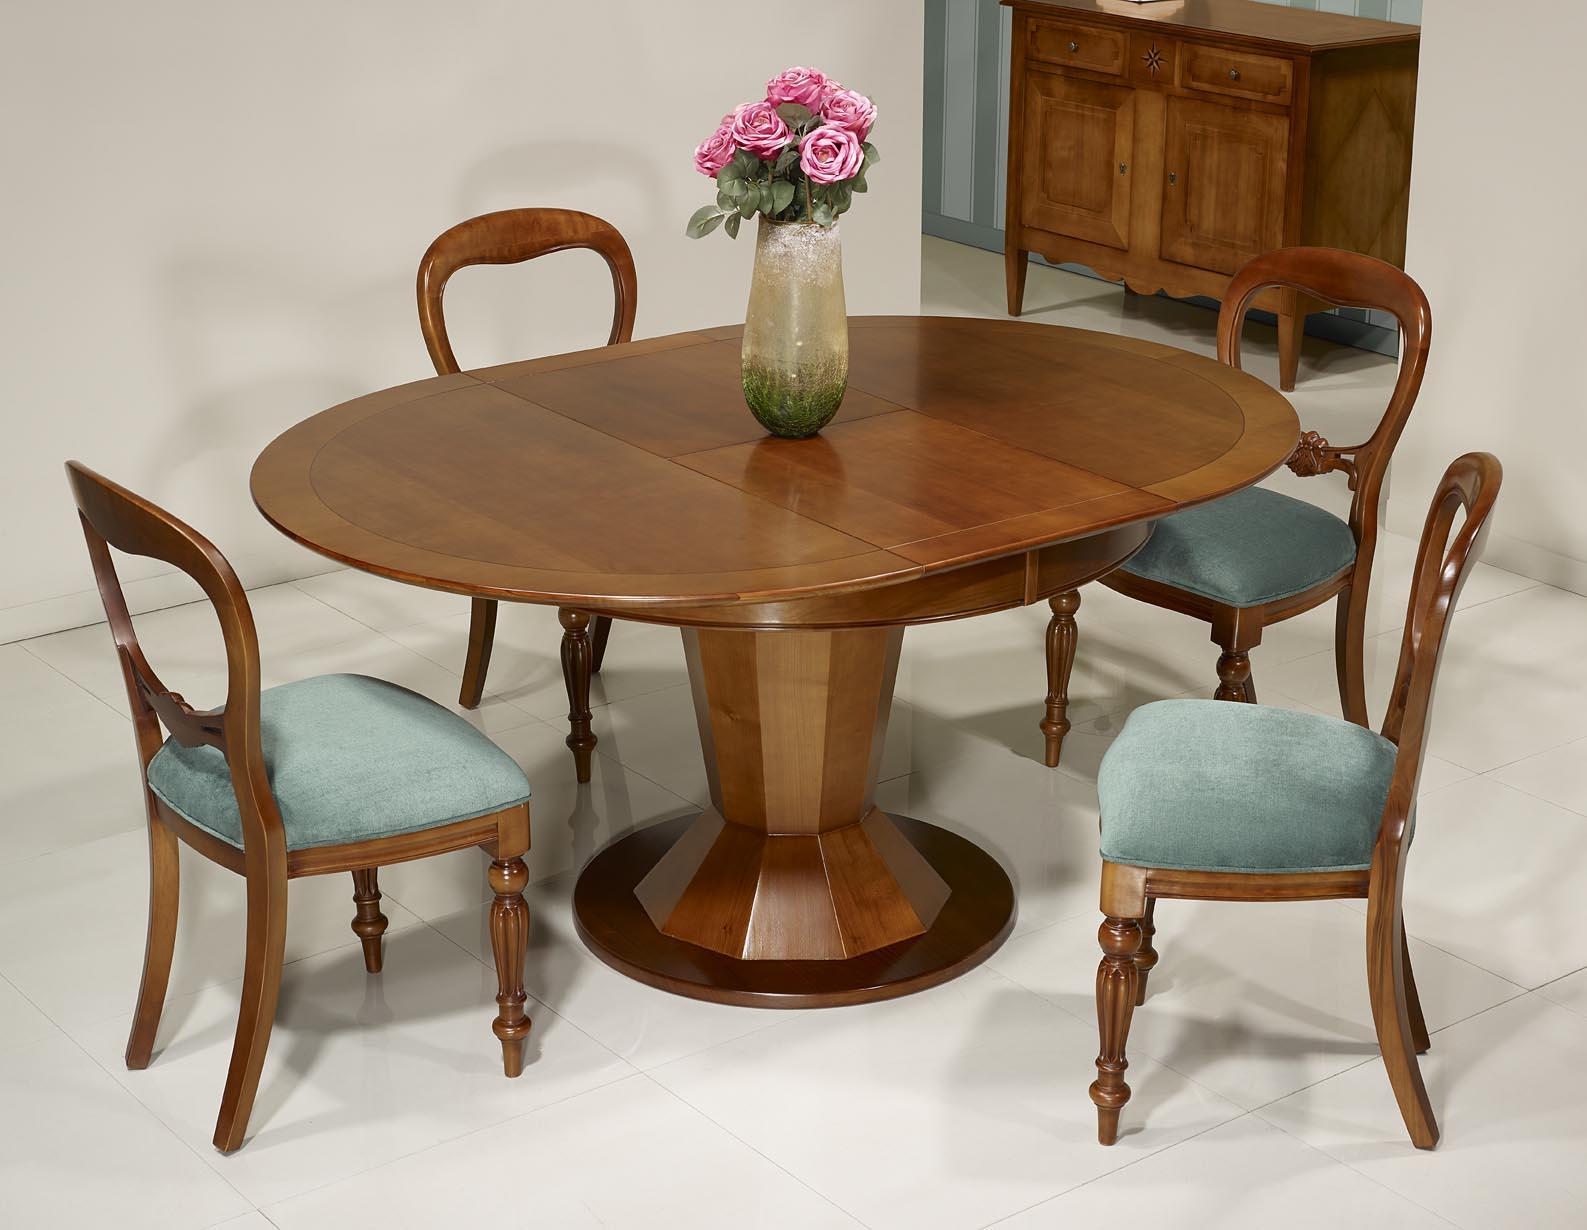 table ronde moderne pied central table ronde en formica brillant pied central avec allonge. Black Bedroom Furniture Sets. Home Design Ideas